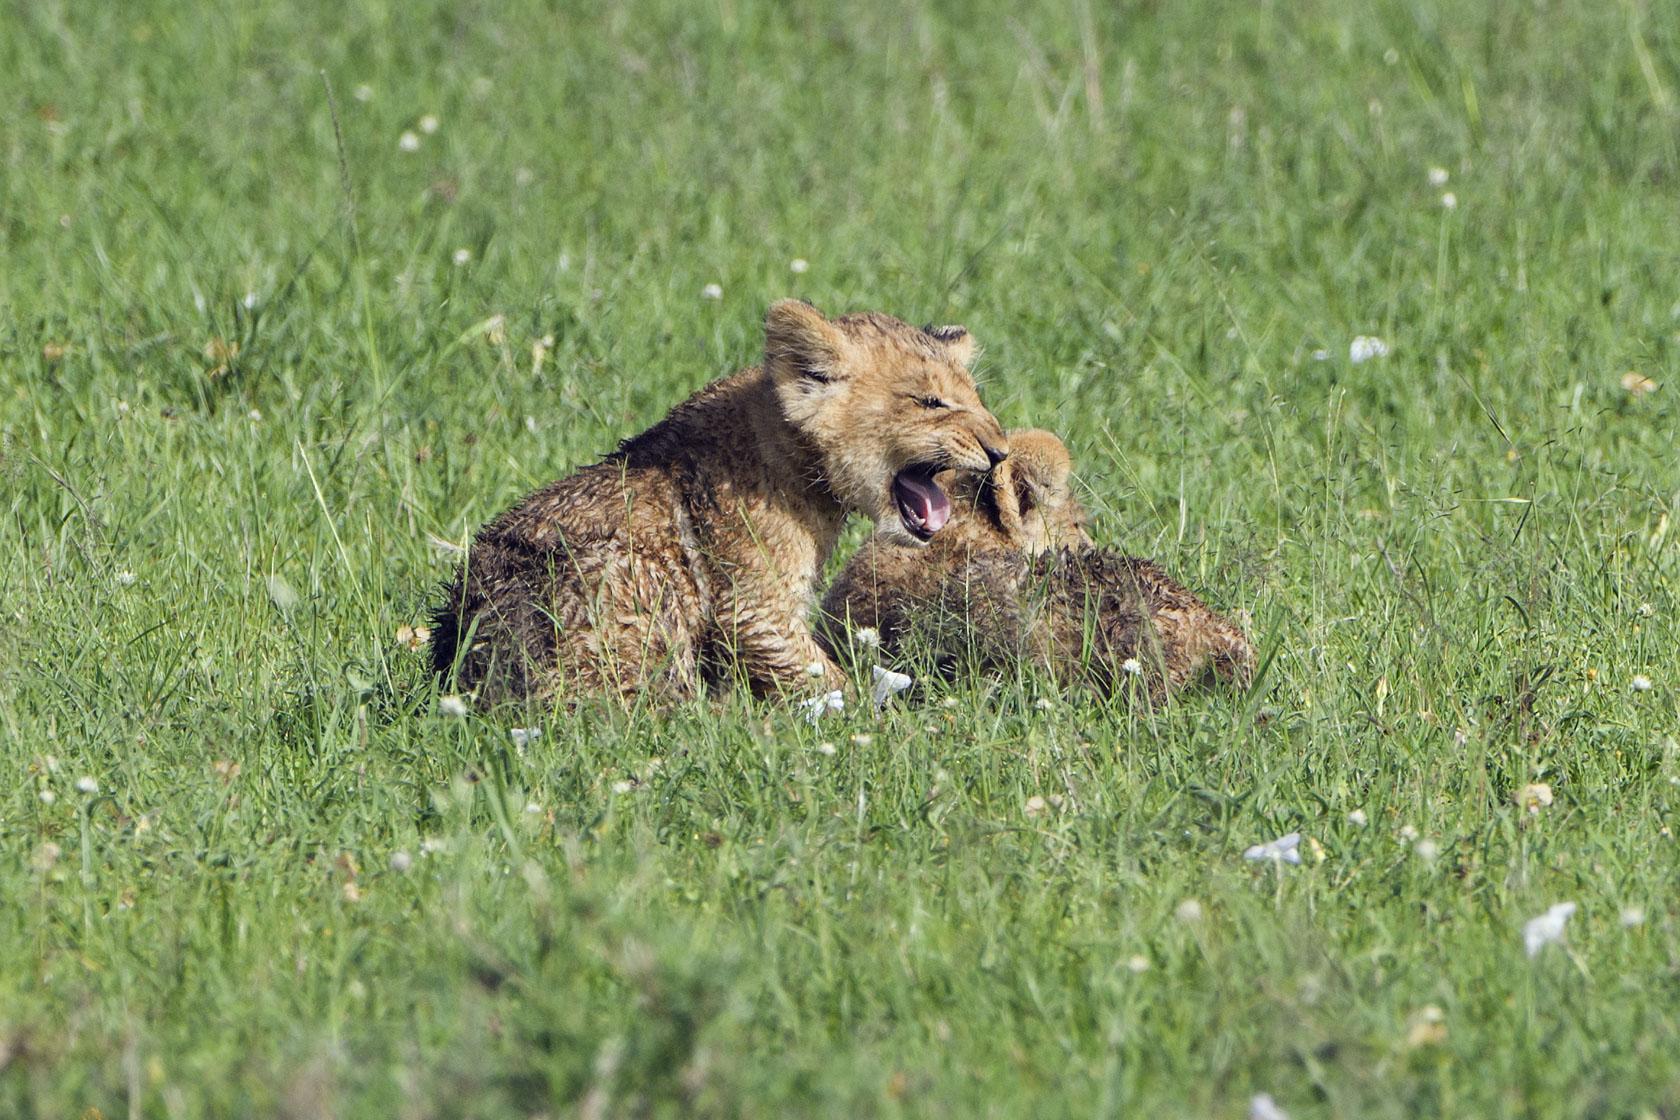 Zwei der Babys sind zu weit vorgeprescht und rufen fiepend nach der Mutter